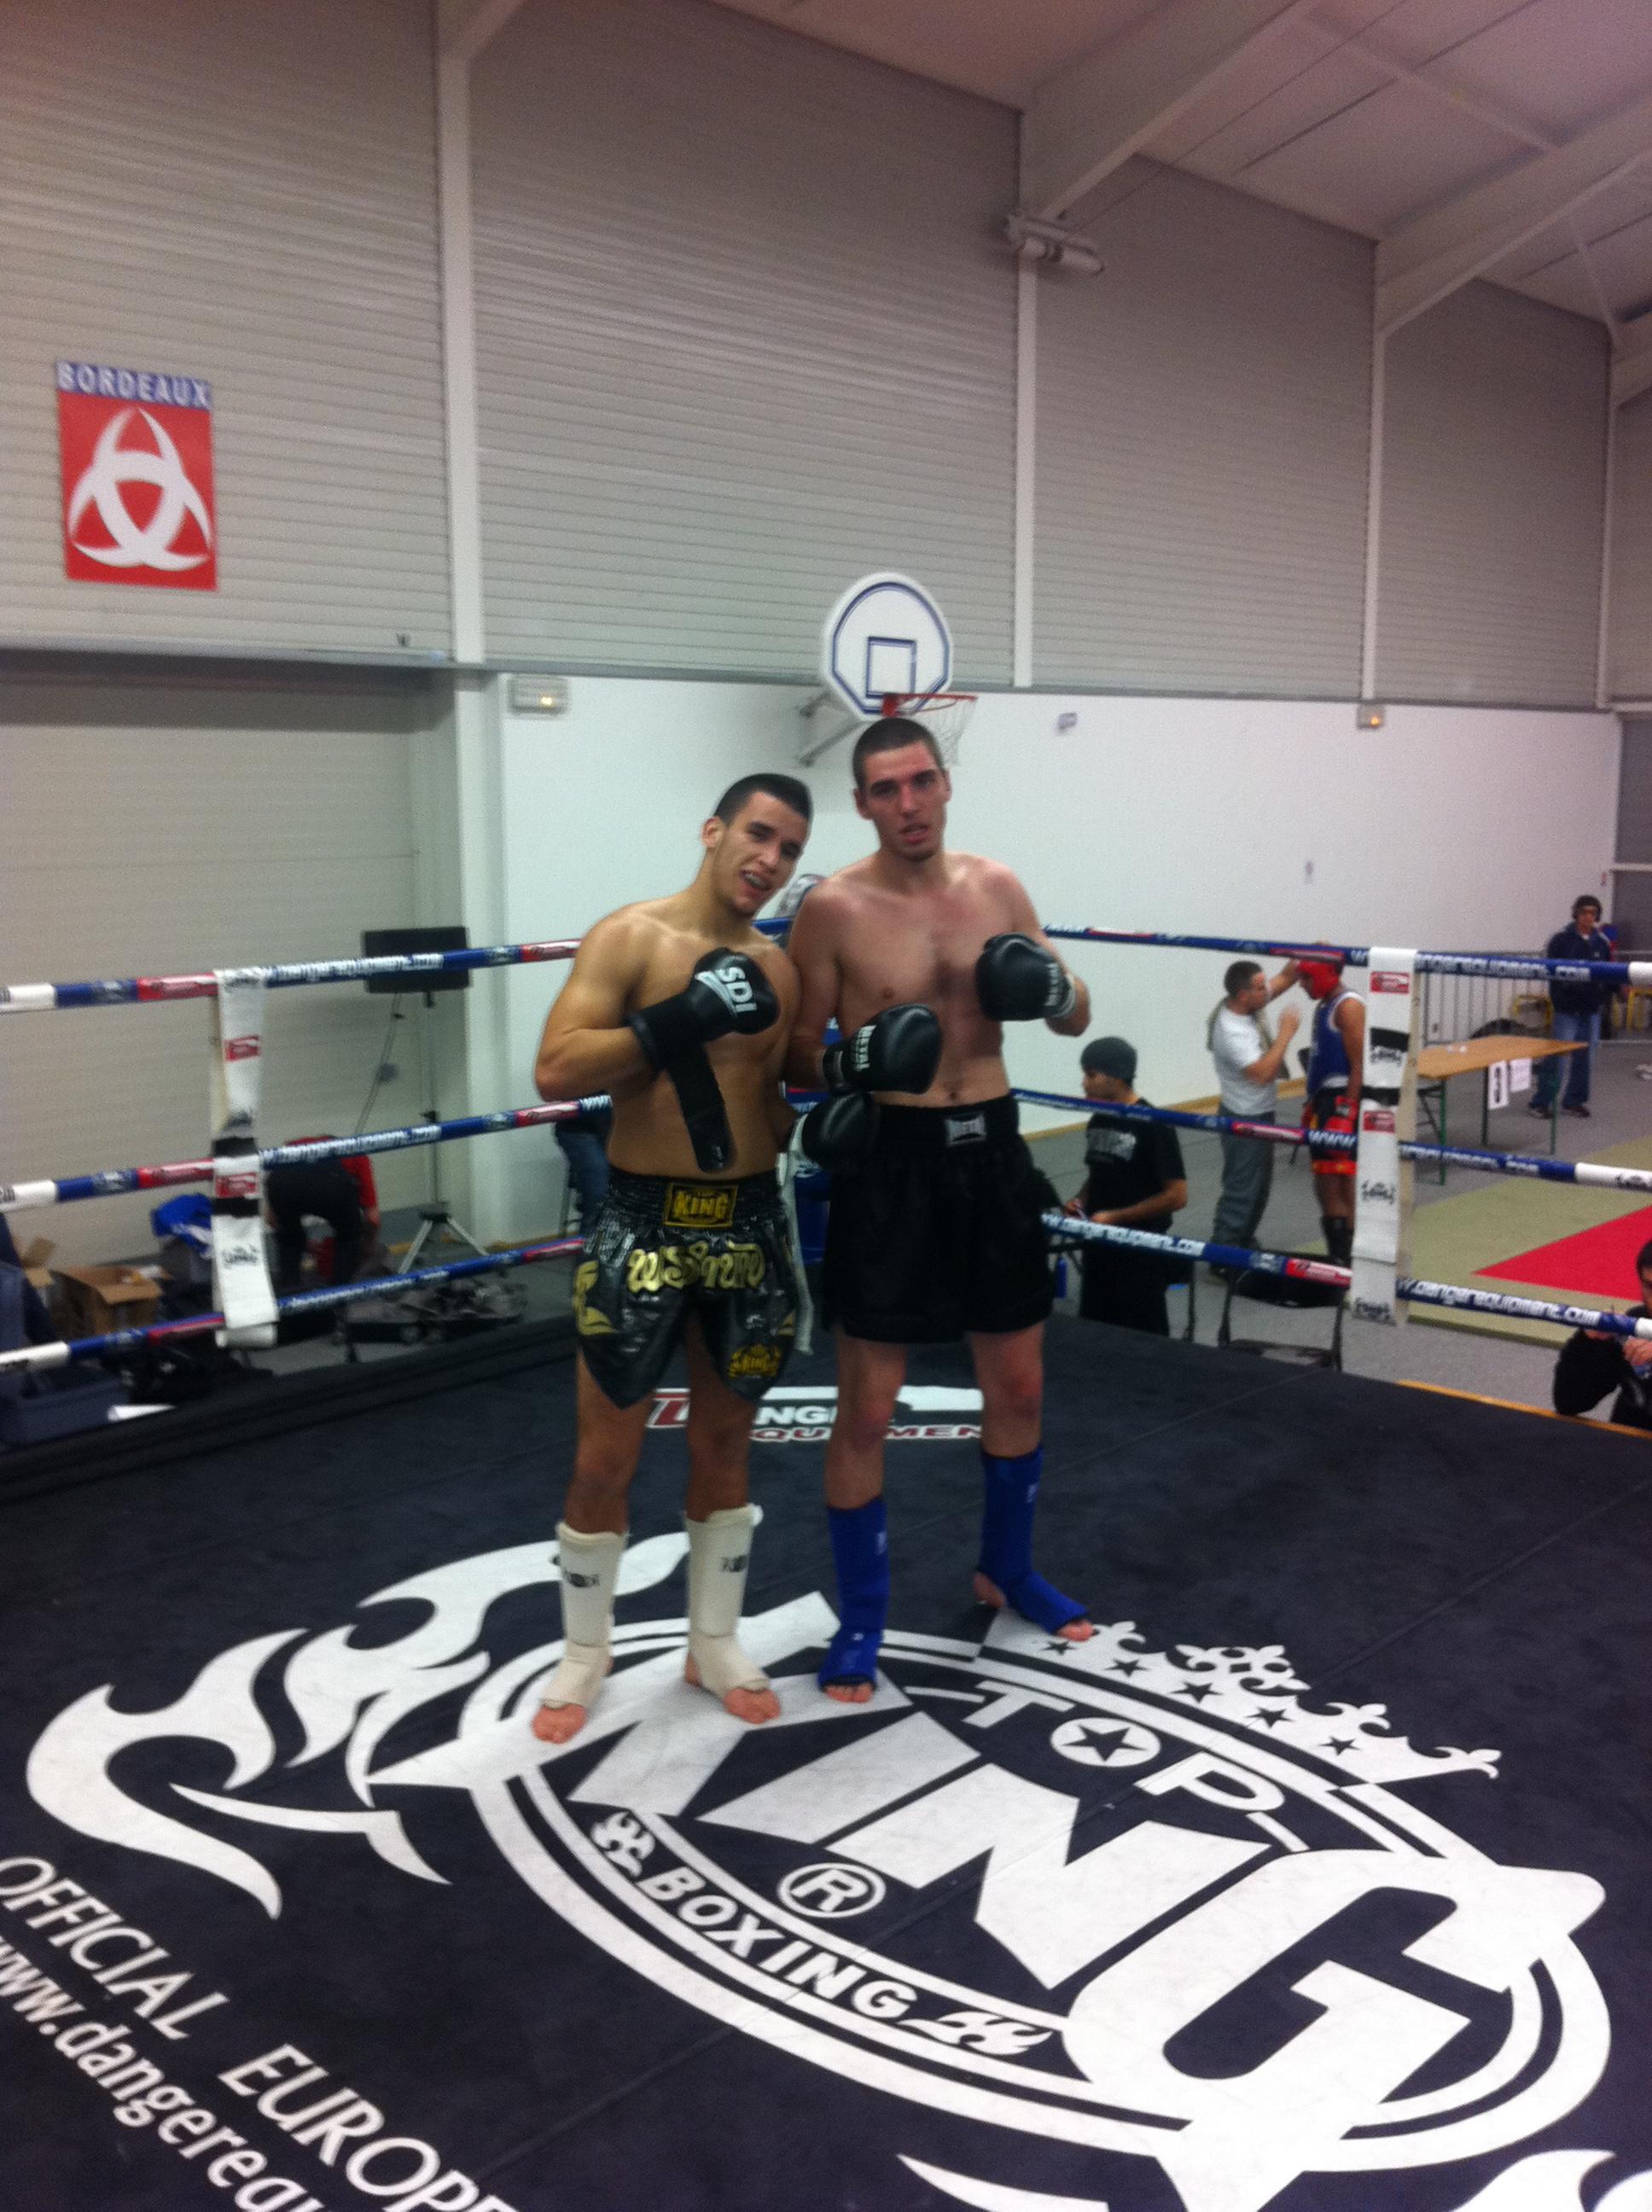 Une belle moisson de victoires pour BFC lors de l'Open de France de Muay Thai